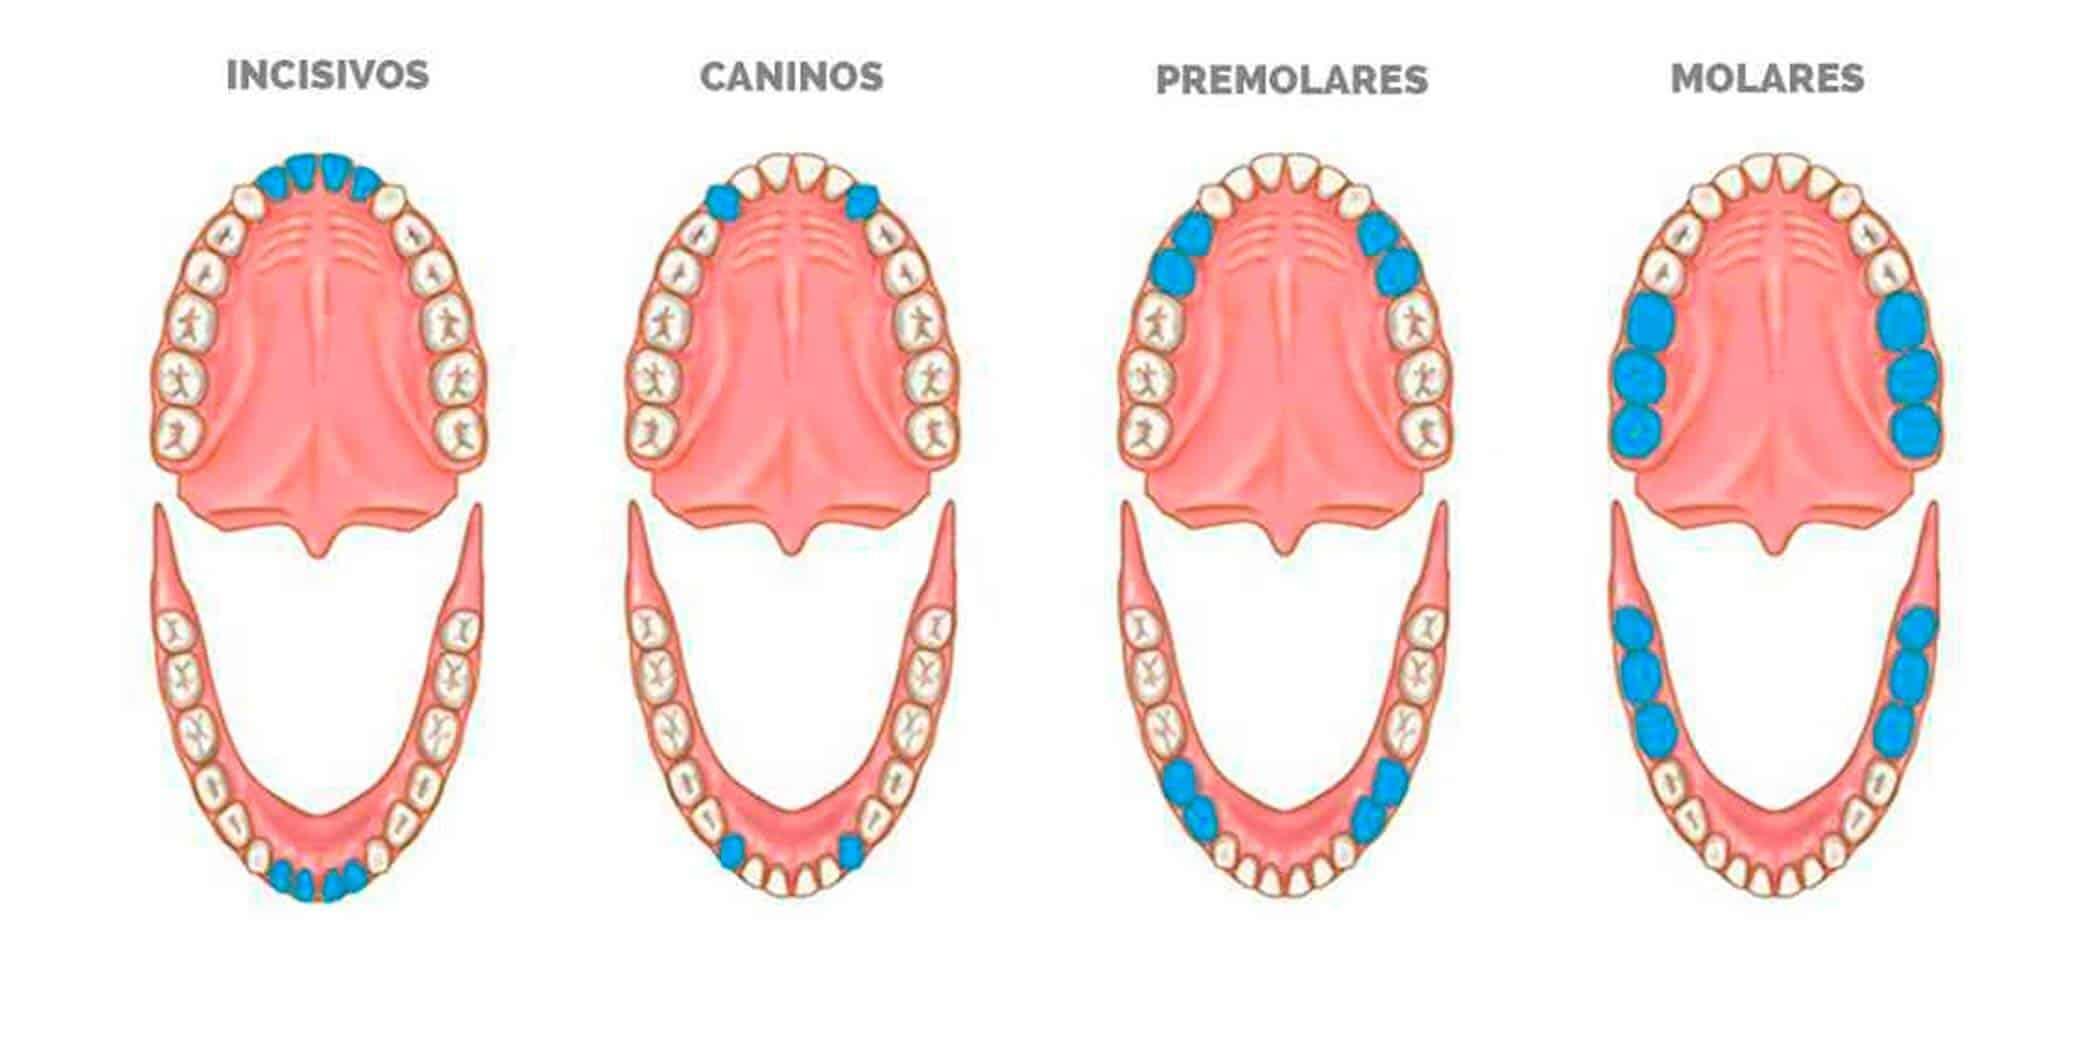 Tipos dientes